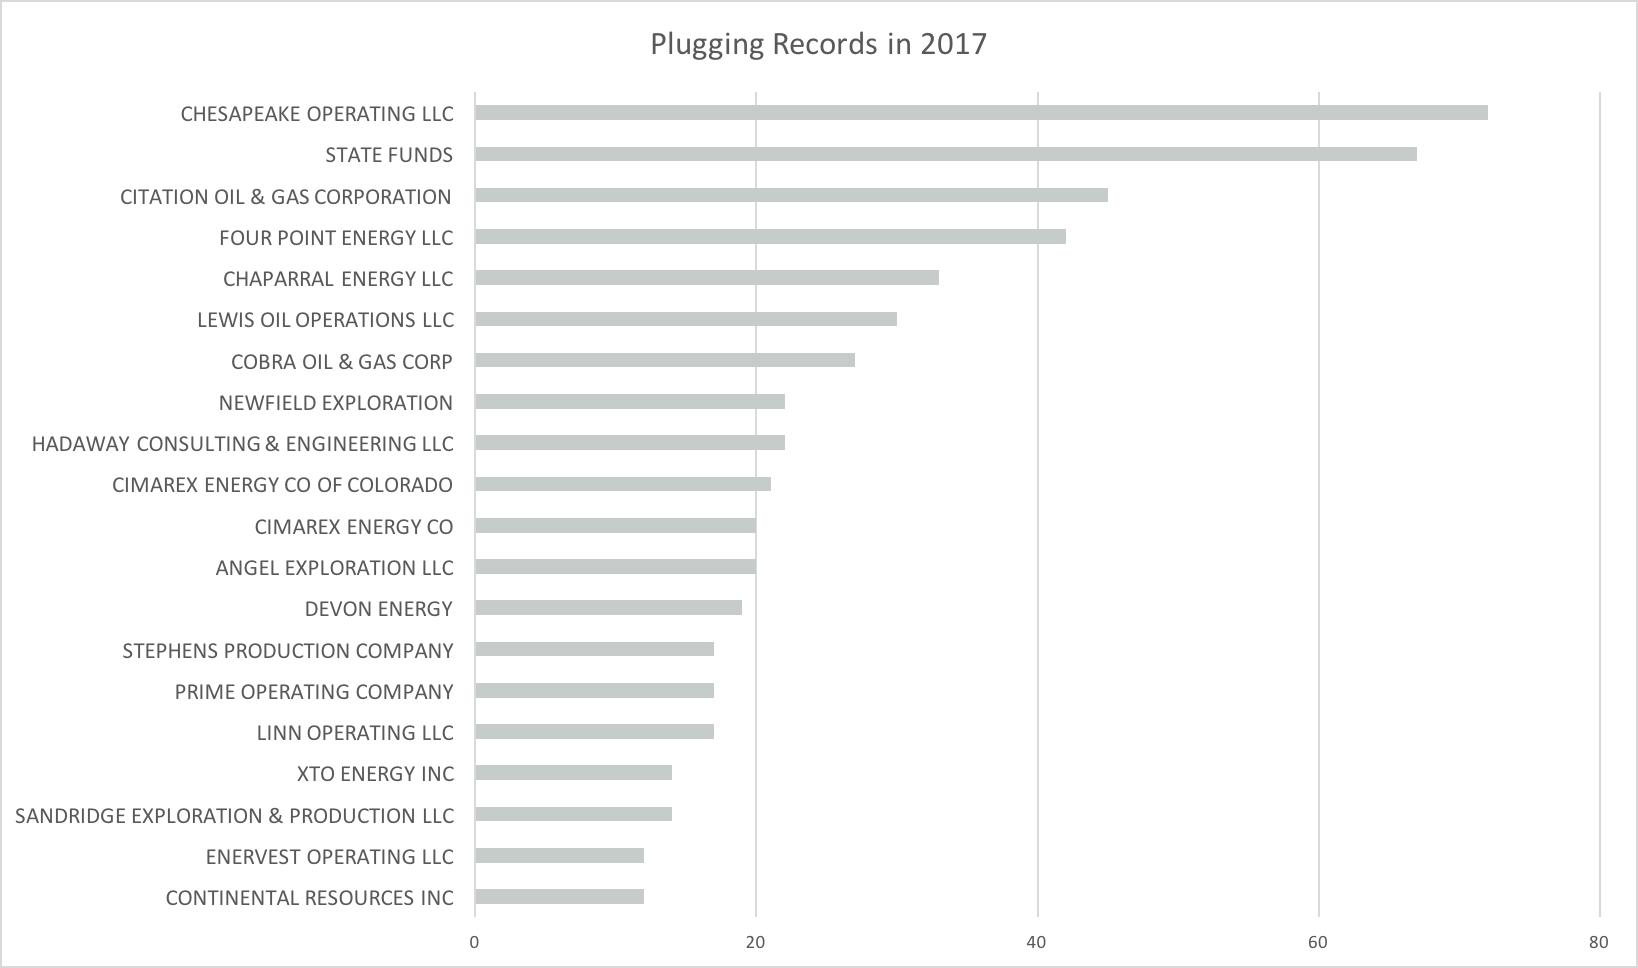 Plugging 2017